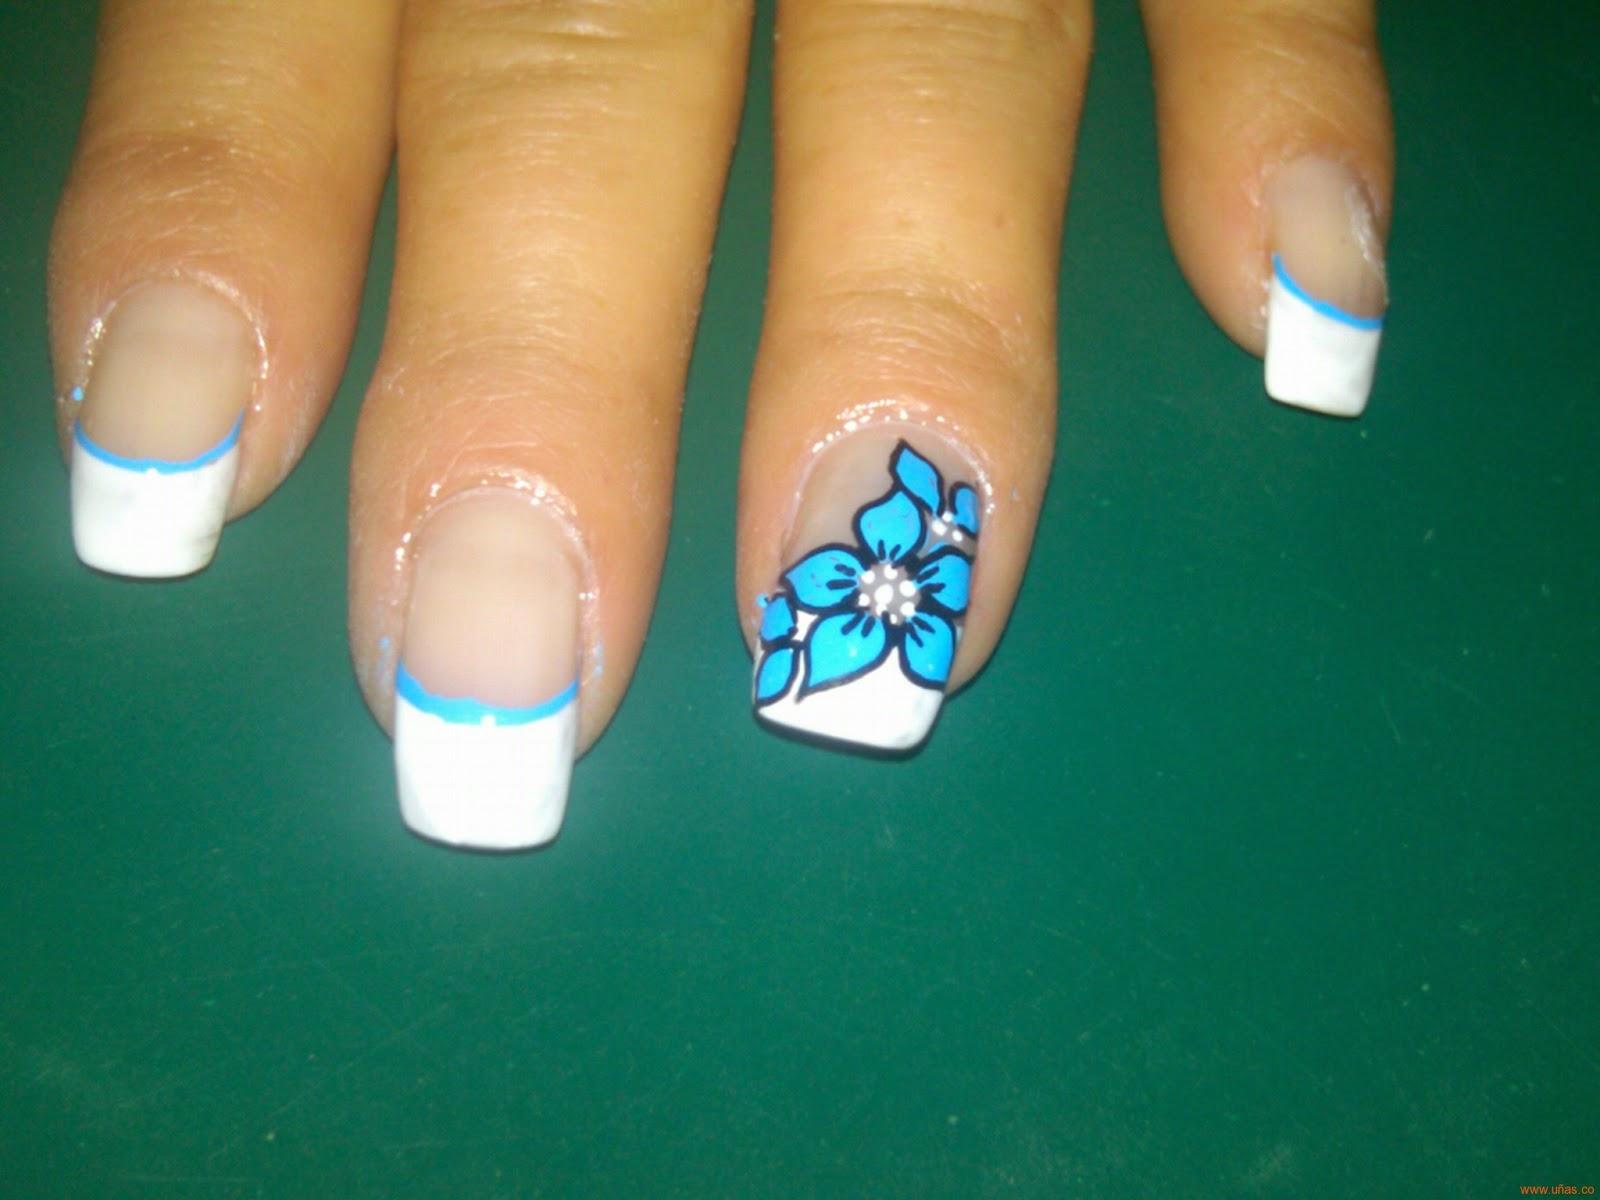 Imagenes de uñas decoradas, diseños y estilos de uñas - IMÁGENES de ...